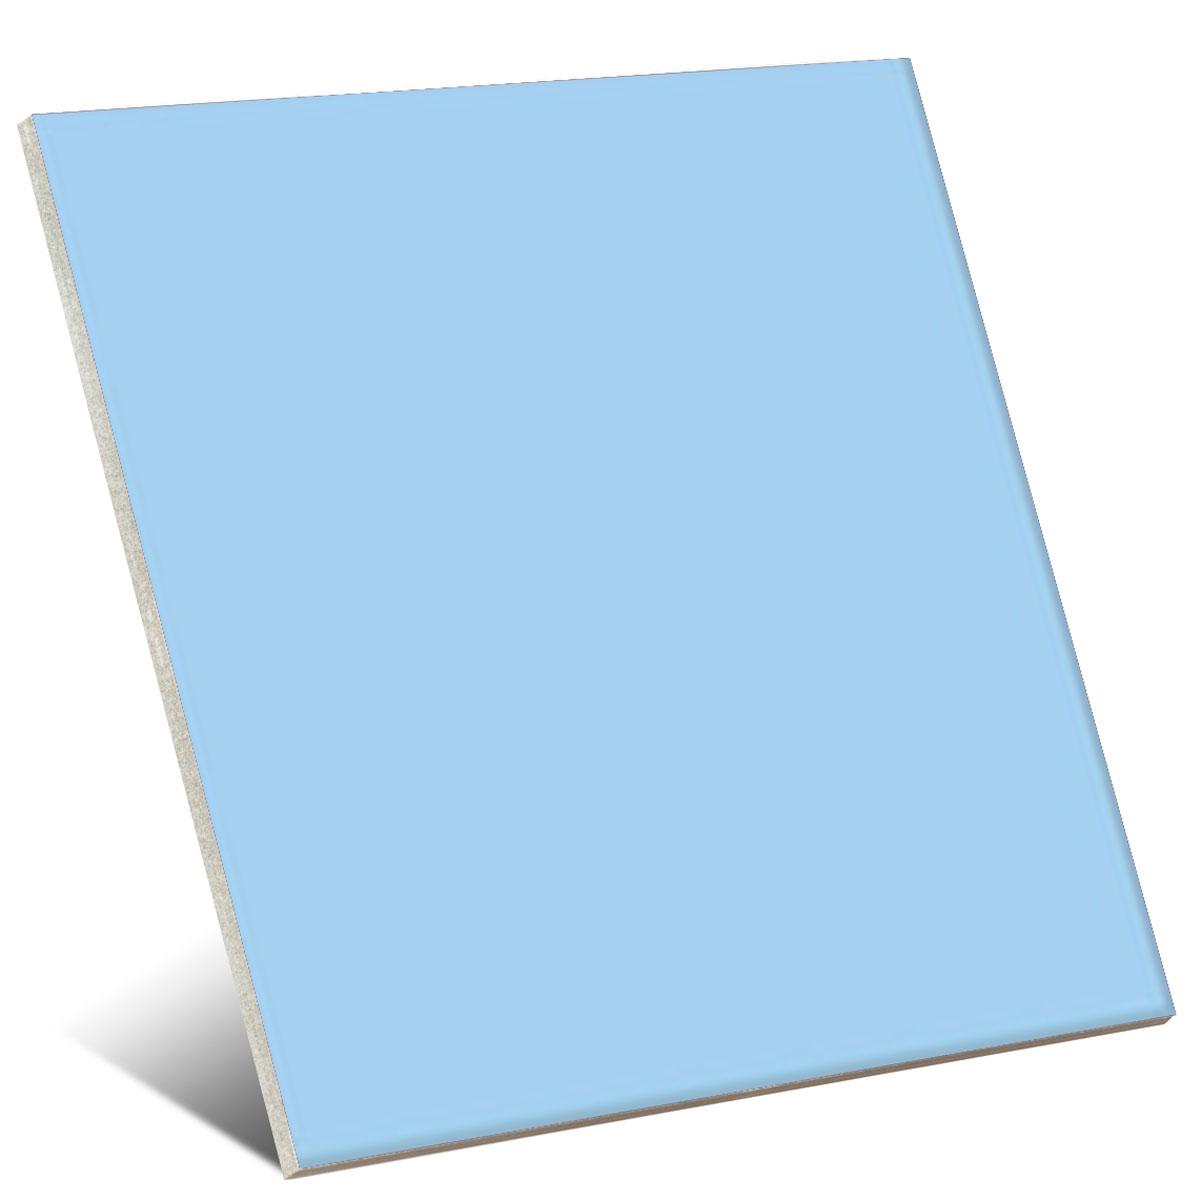 Color Celeste Brillo 20x20 cm (caja 1 m2)